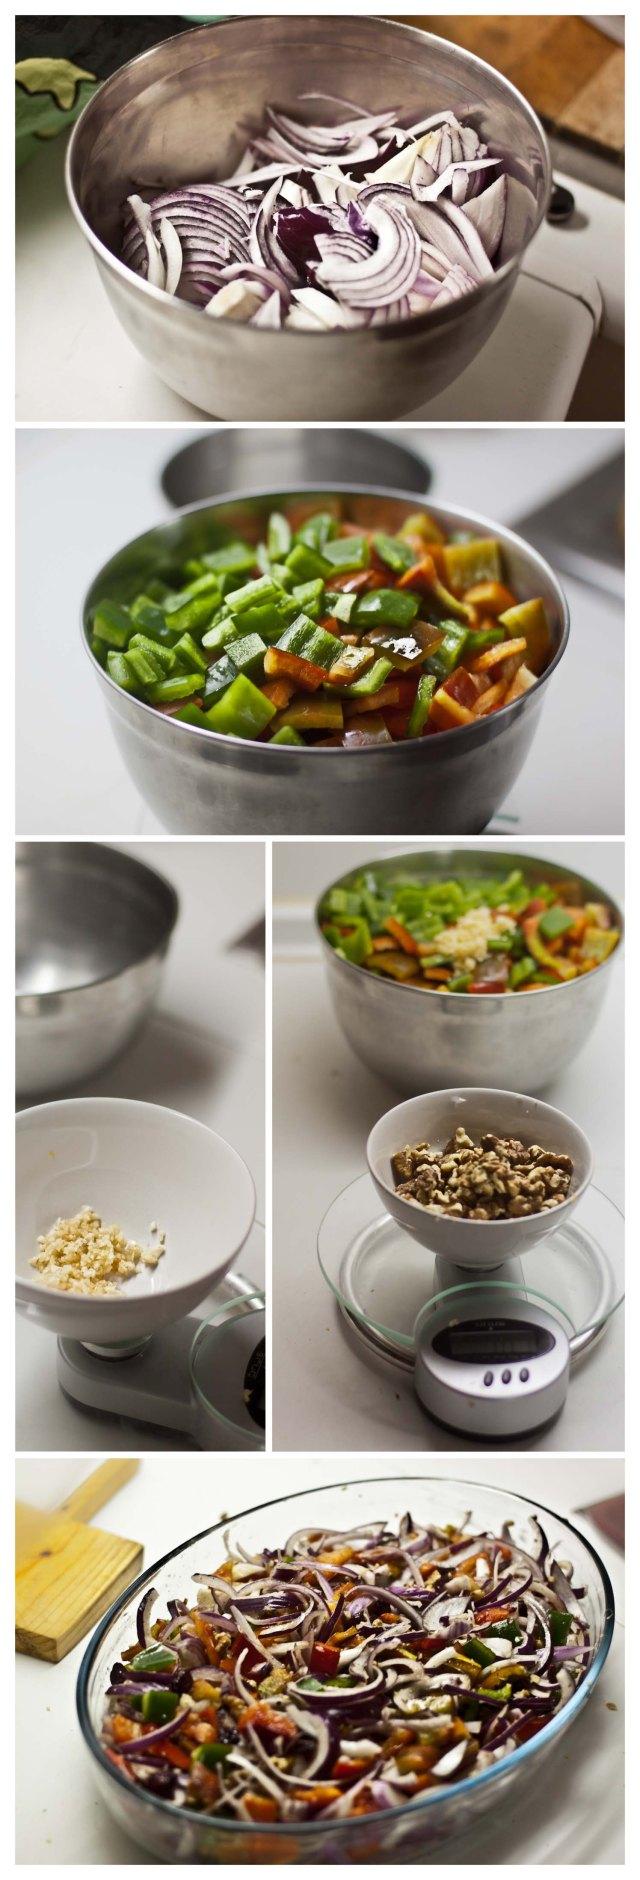 Elaboración de los vegetales